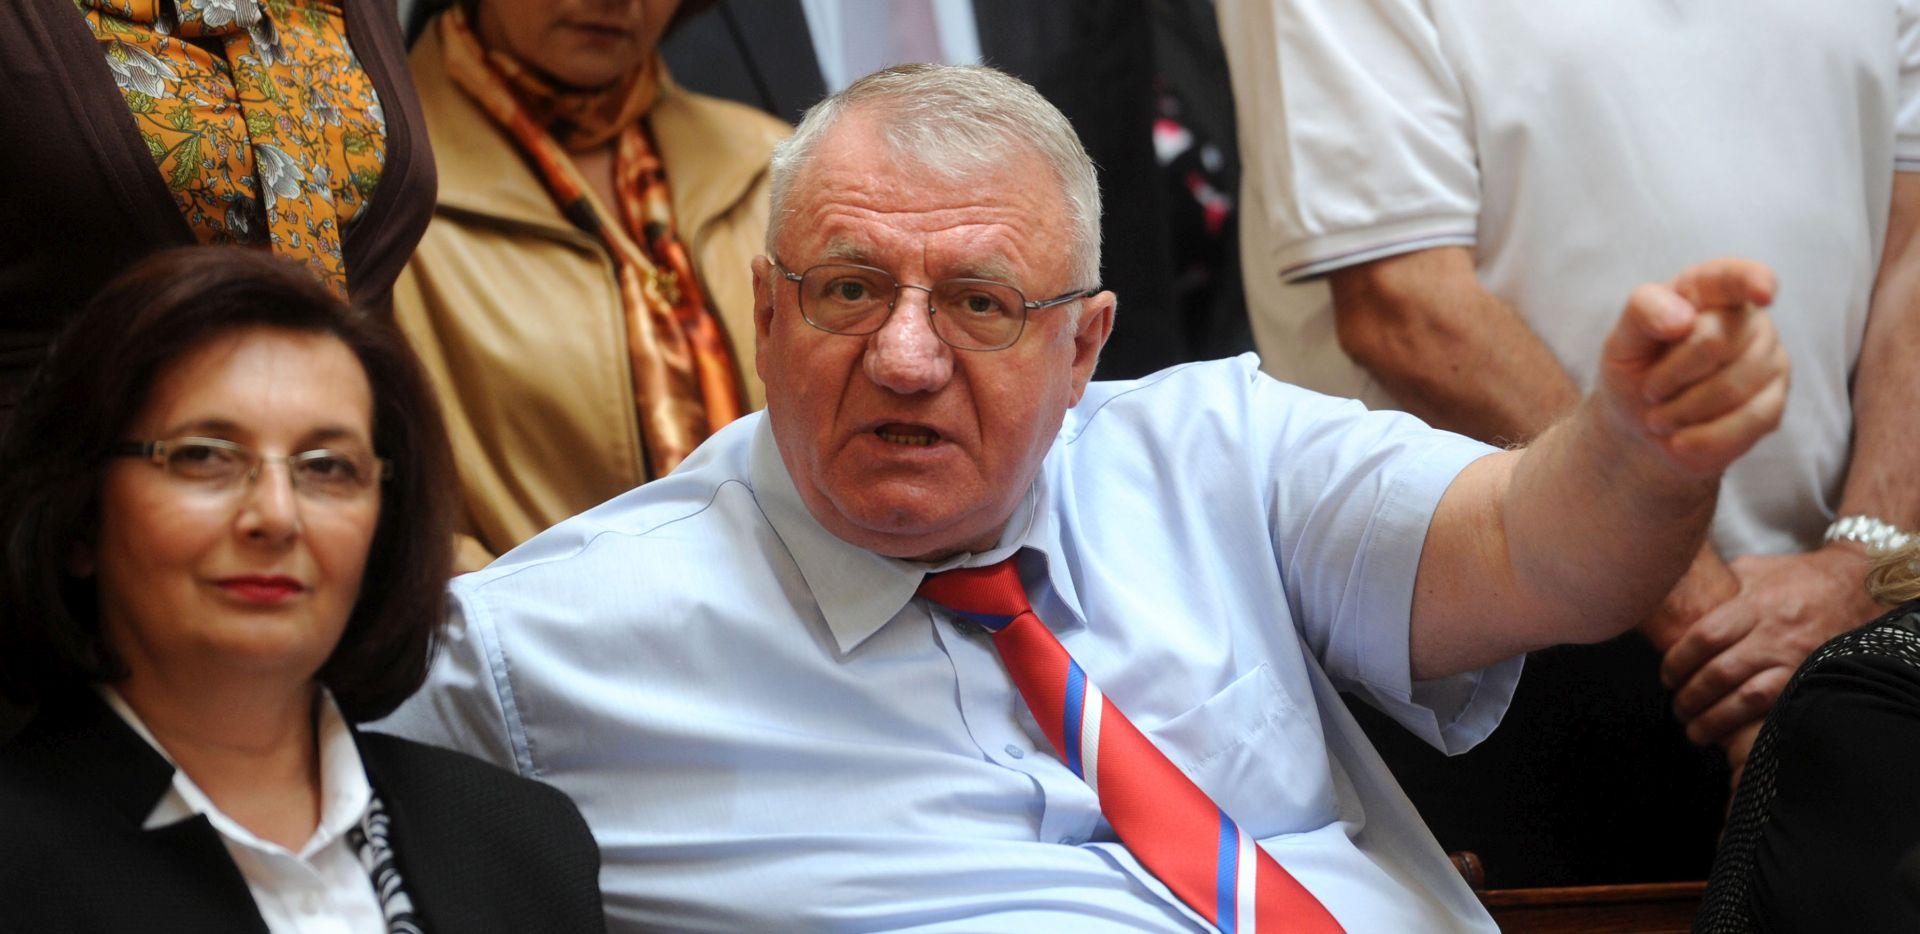 Šešelj ne odustaje od okupljanja radikala u Hrtkovcima 6. svibnja